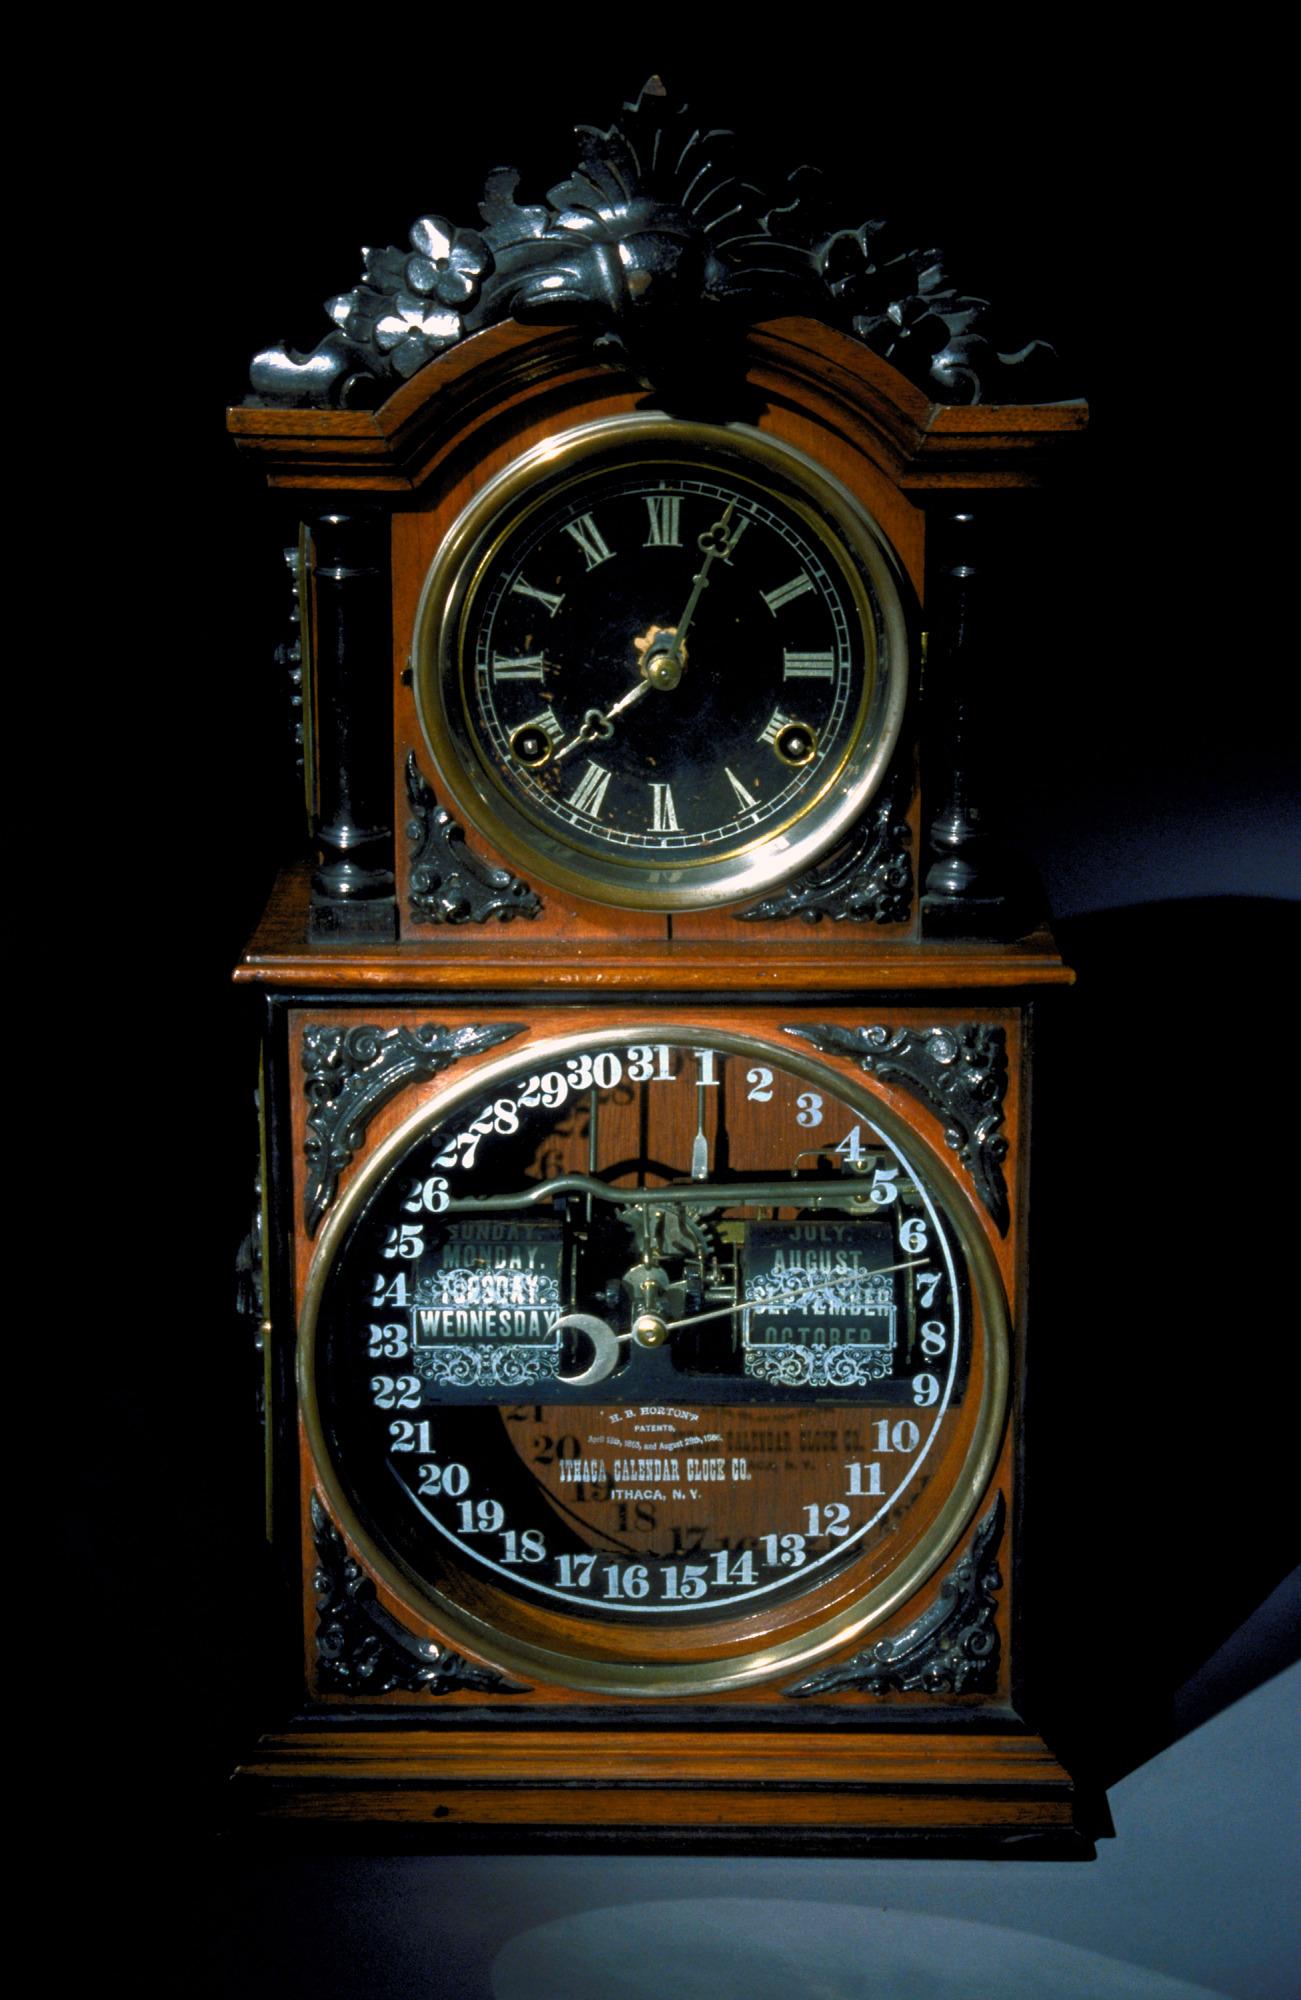 images for Shelf Calendar Clock